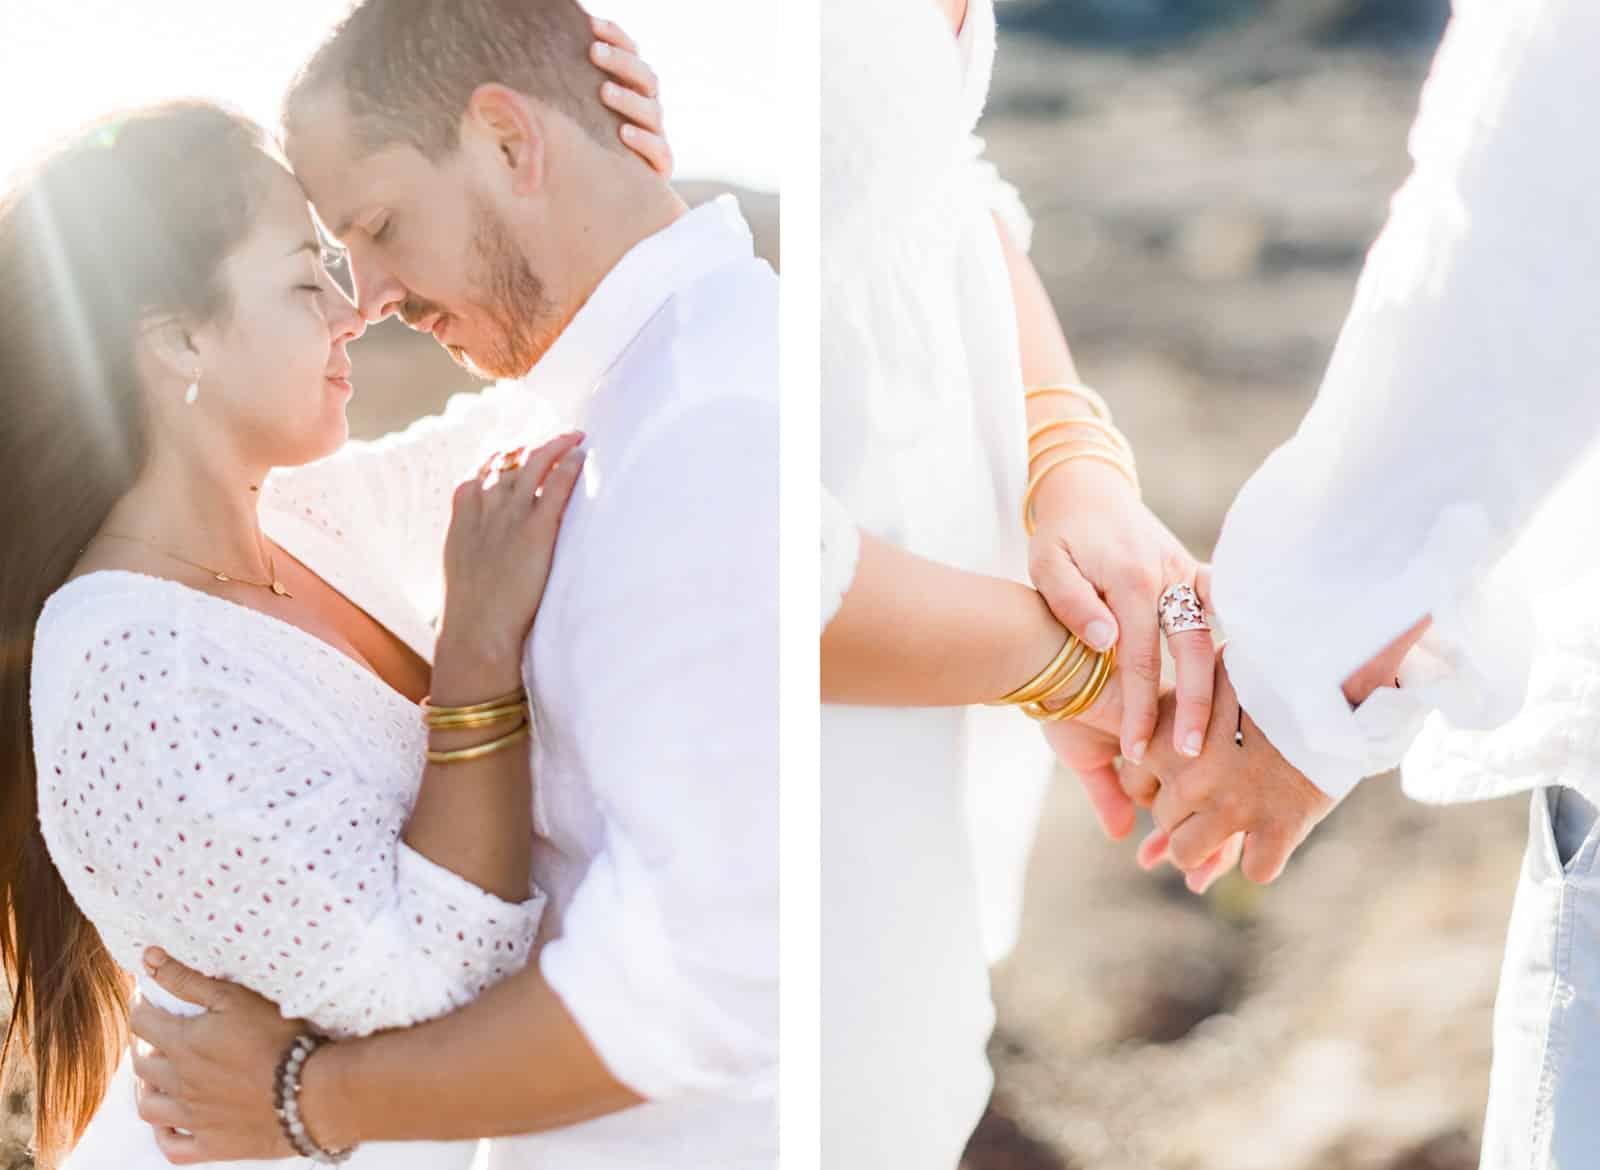 Photographie de Mathieu Dété, photographe de mariage et couple à Saint-Paul de la Réunion 974, présentant les détails d'un couple au lever du soleil